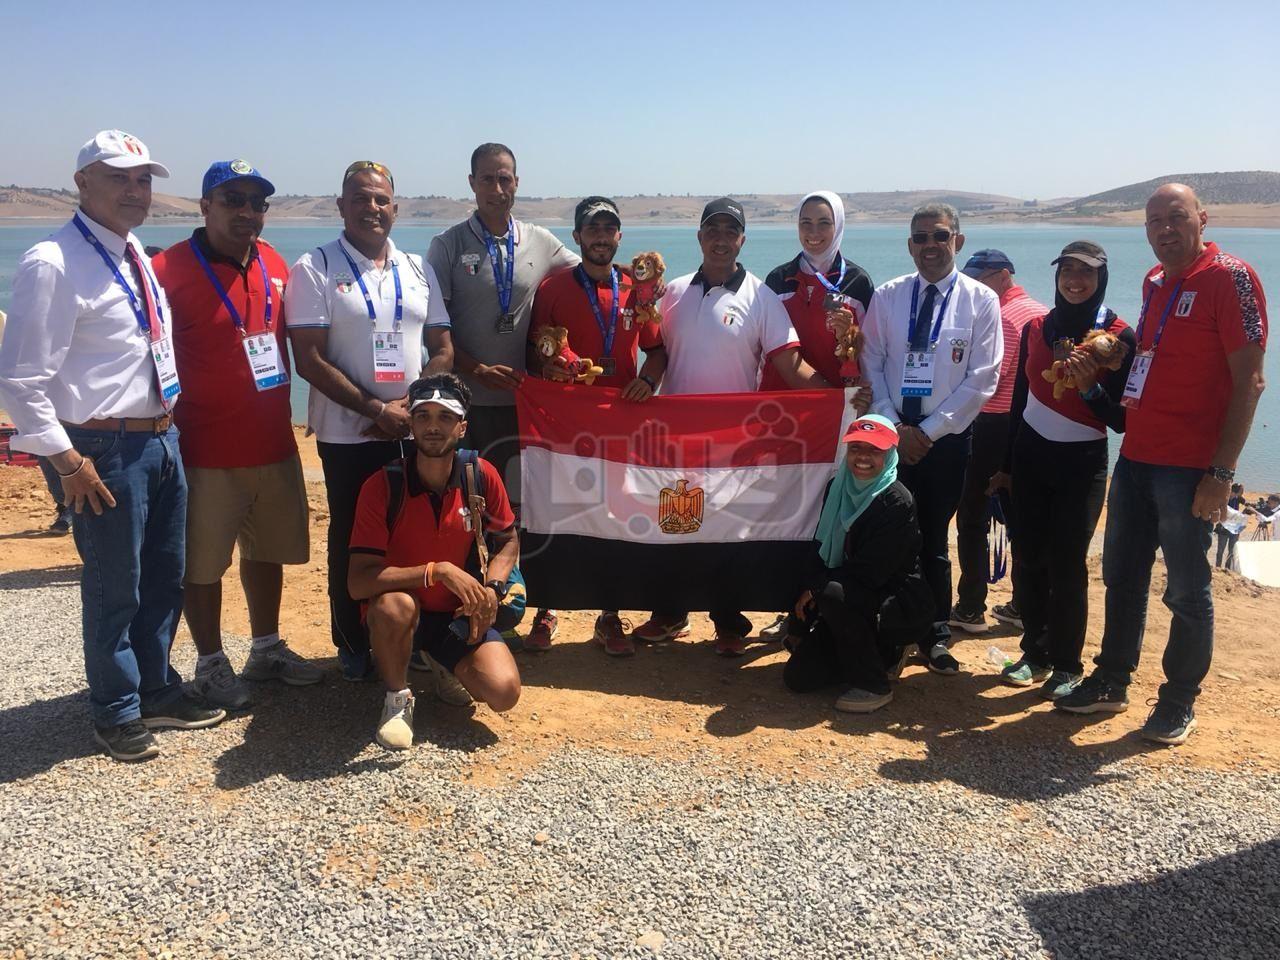 بعثة منتخب مصر لرفع الأثقال تغادر إلى المغرب للمشاركة في دورة الألعاب الأفريقية